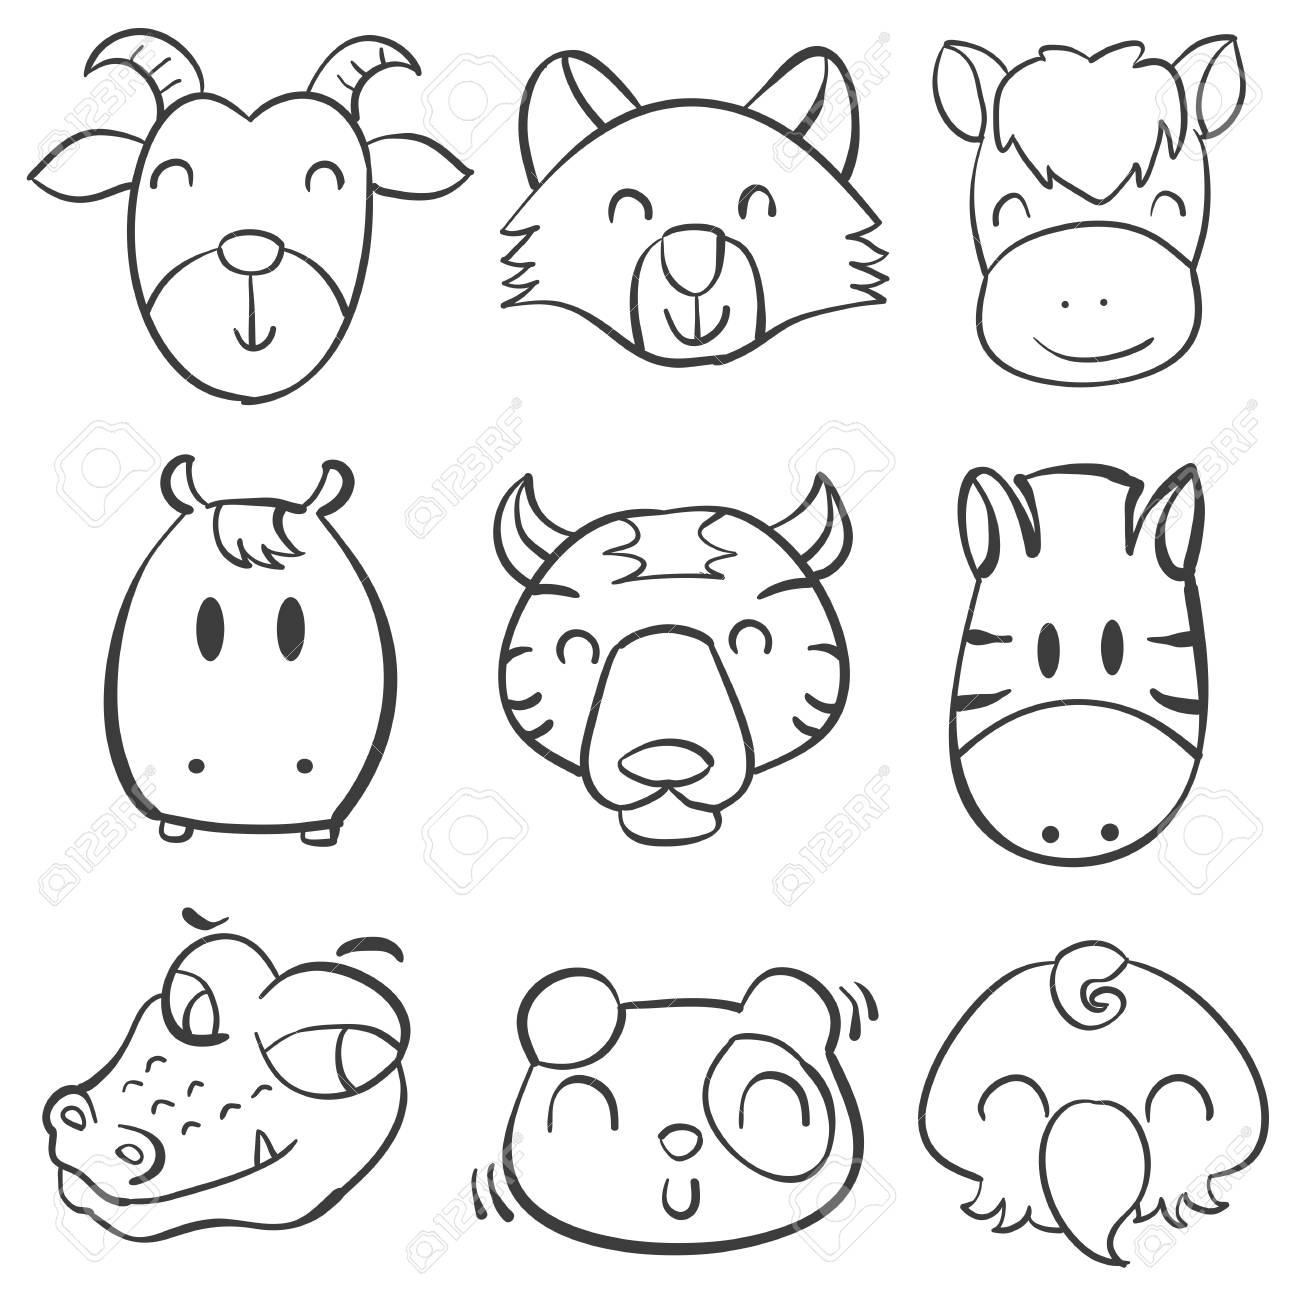 Collection Tete De La Main Des Animaux Dessiner Illustration Doodle Clip Art Libres De Droits Vecteurs Et Illustration Image 77773646